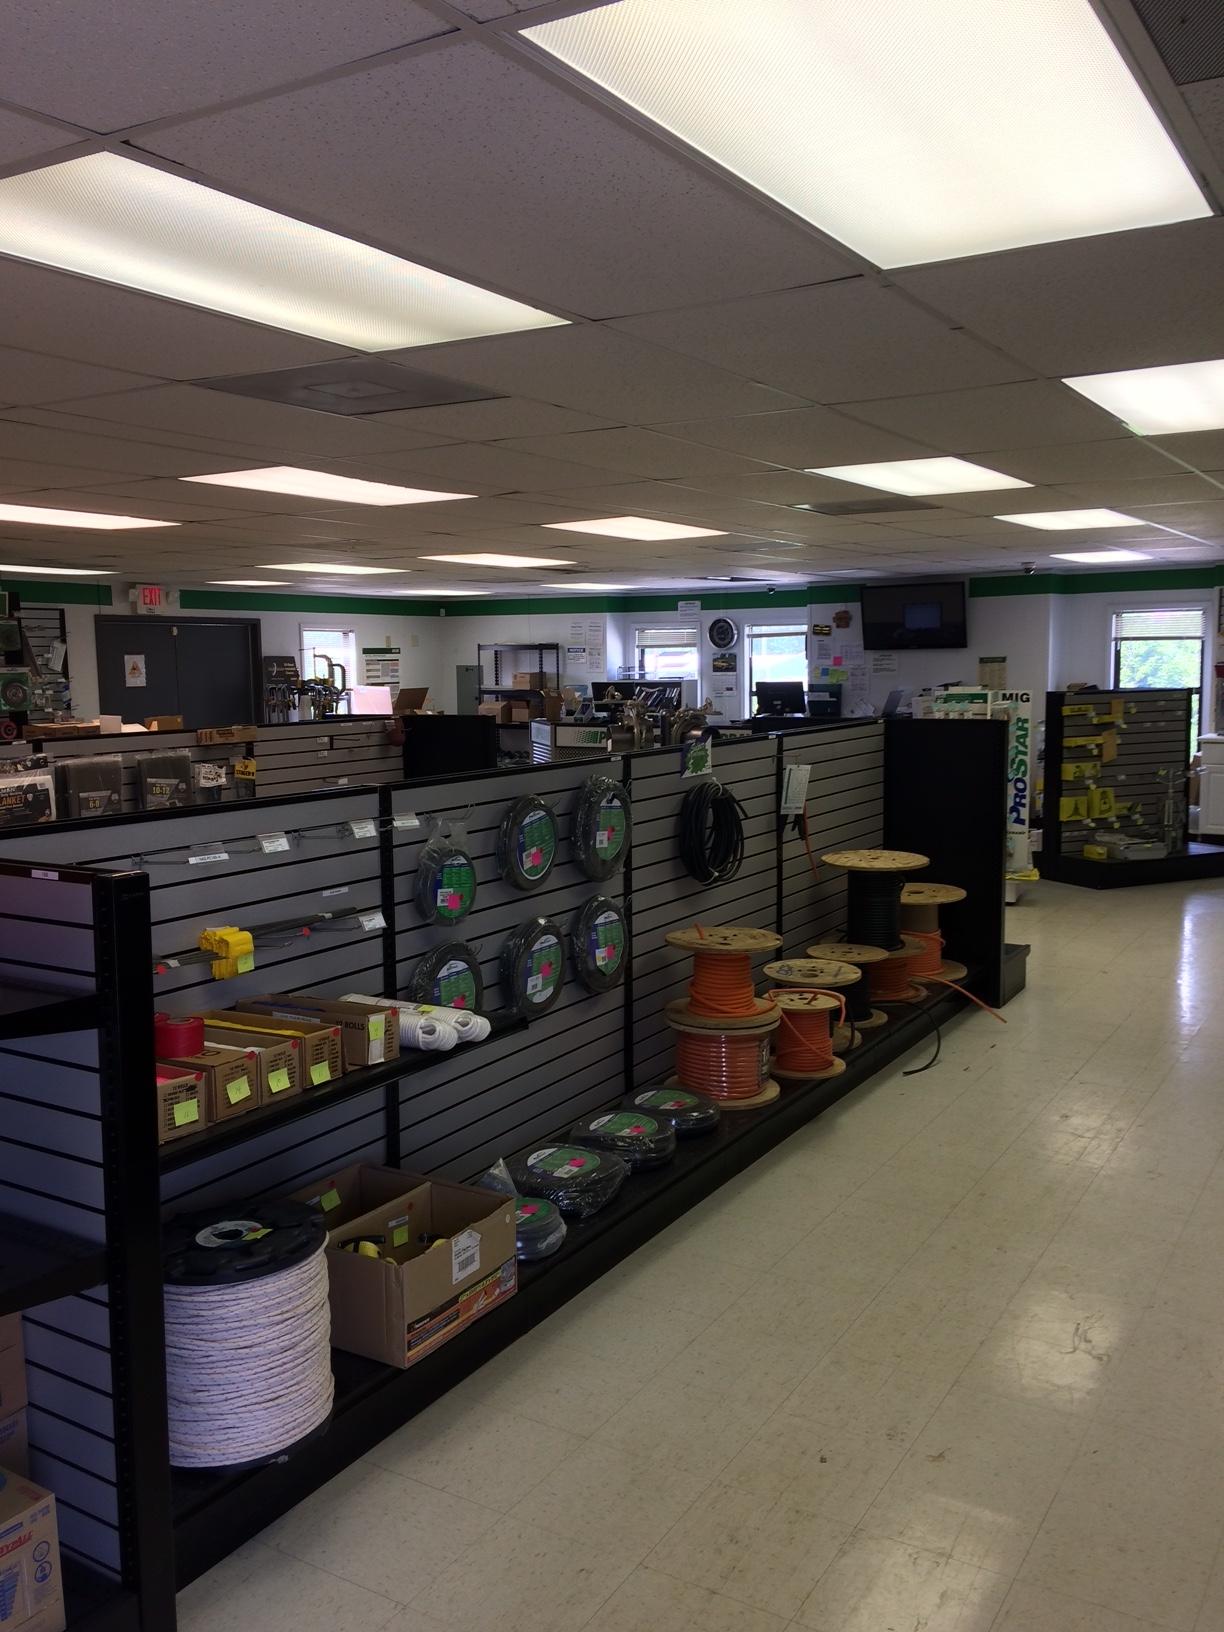 San Antonio South - Praxair Distribution, Inc.